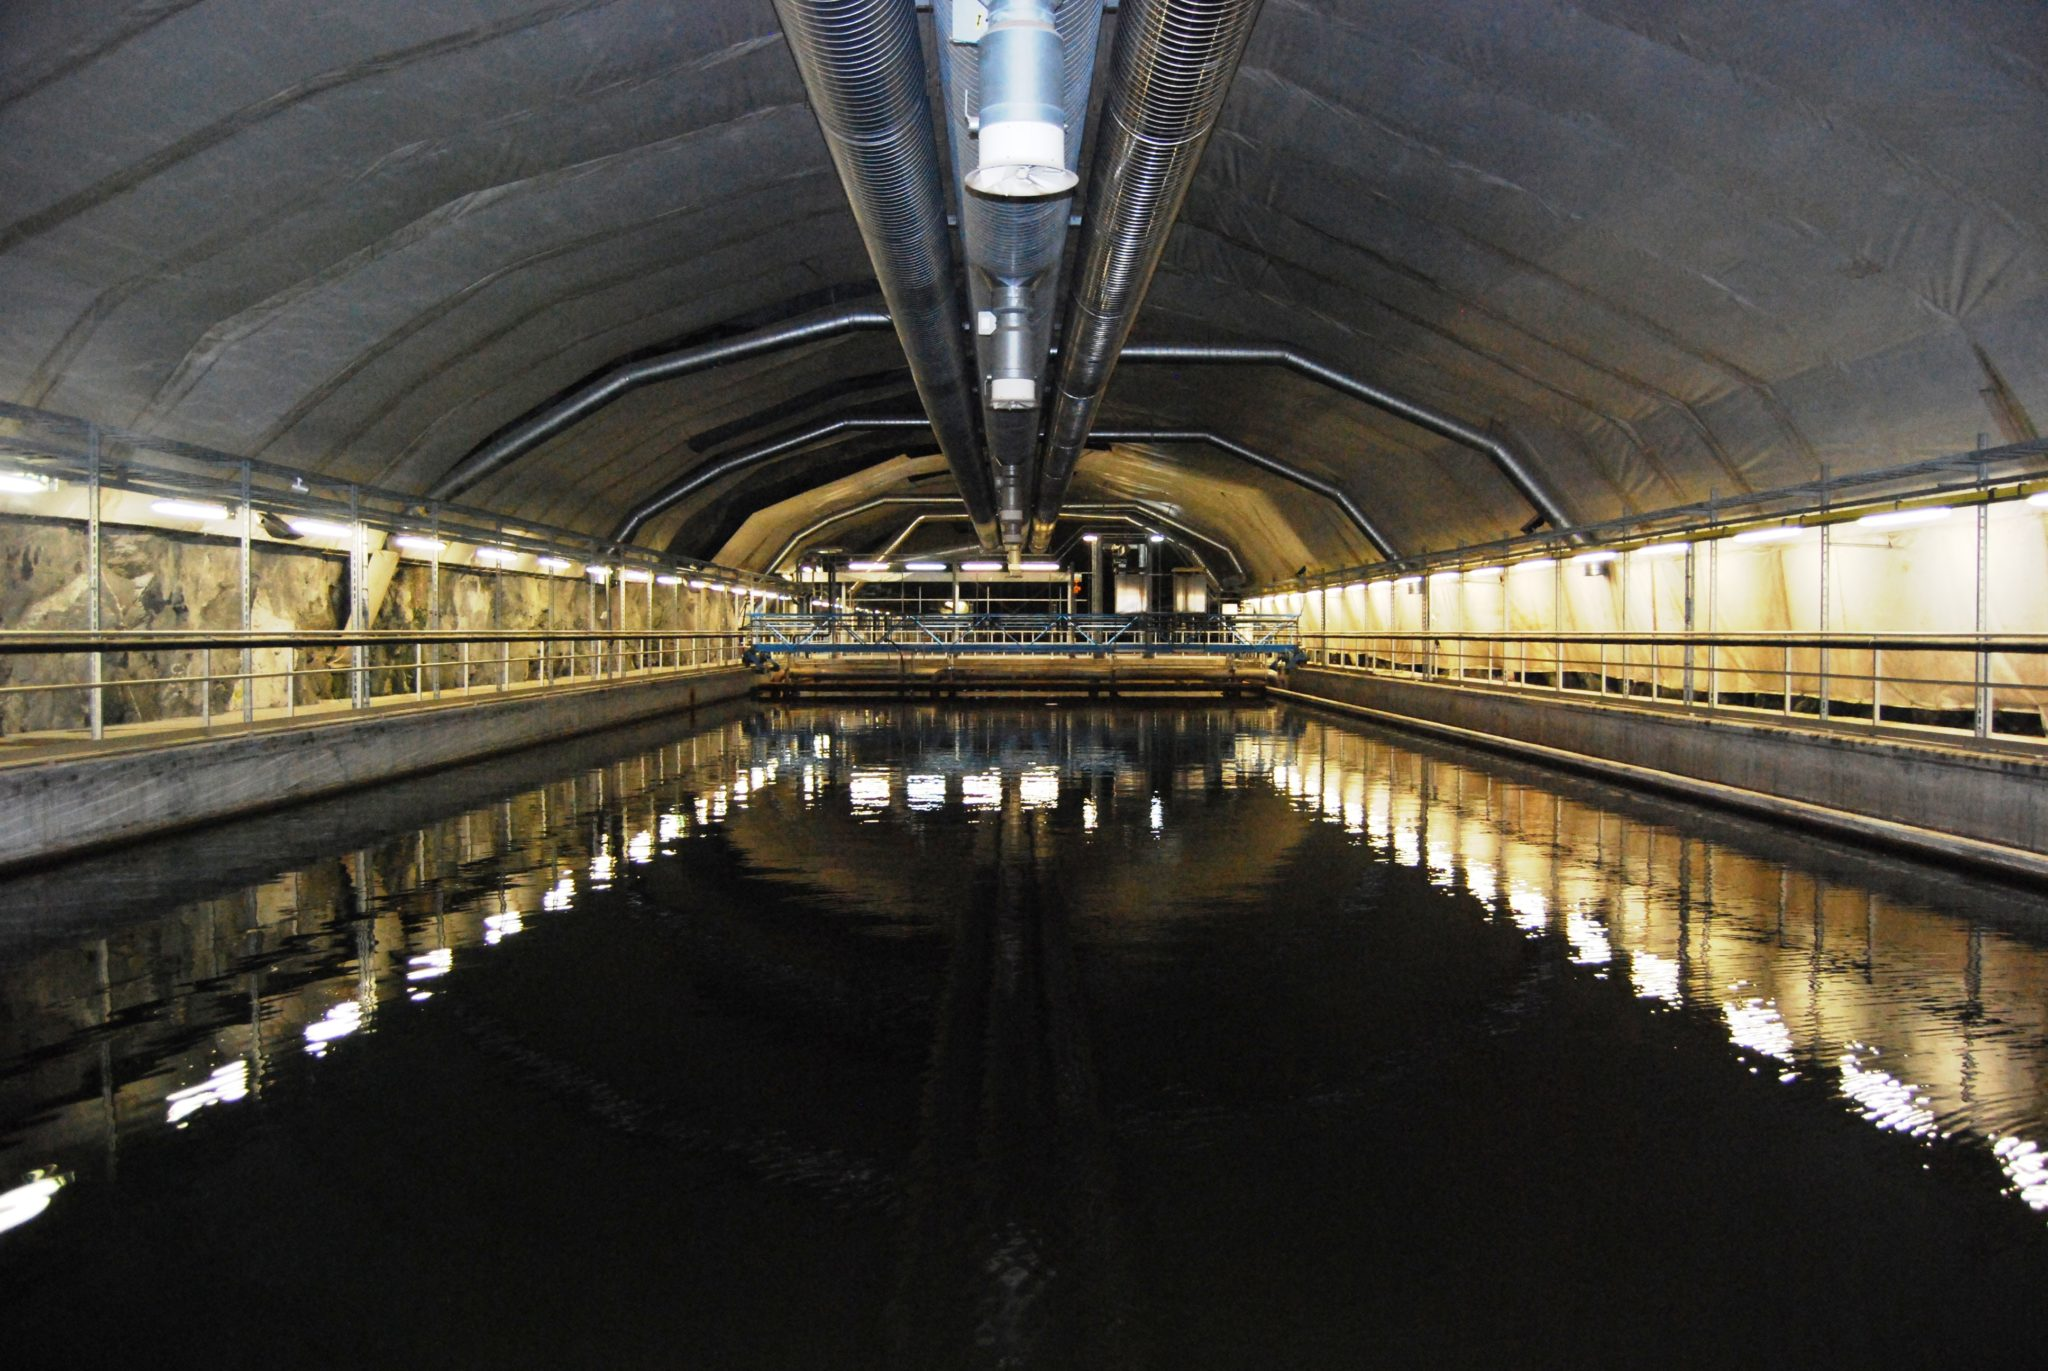 Bekkelaget renseanlegg, Oslo. Photo : Bekkelaget Vann AS